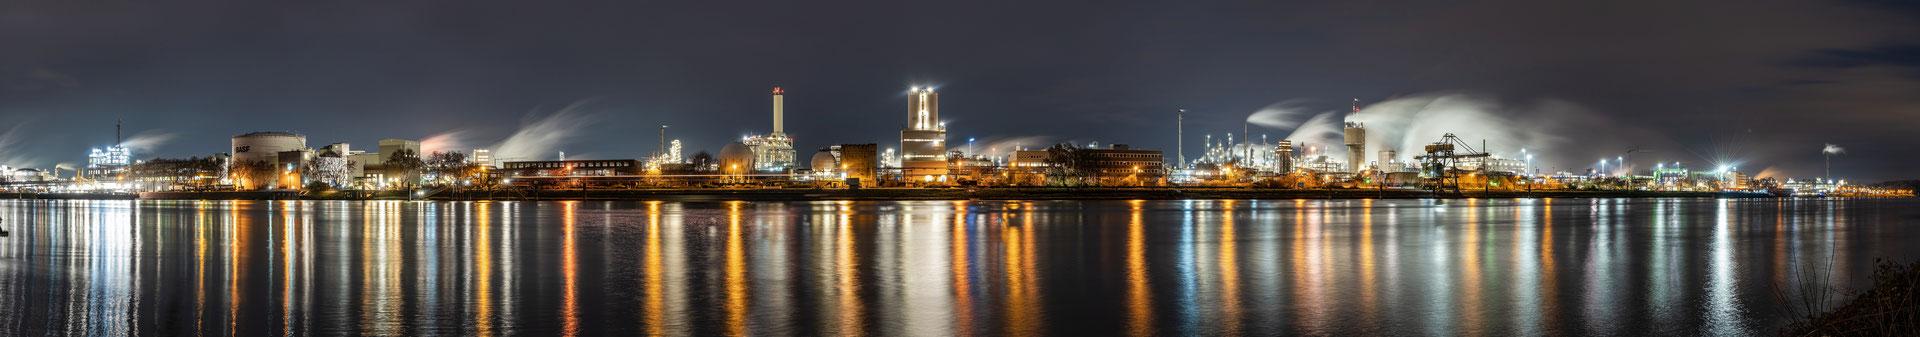 Winternacht bei der BASF